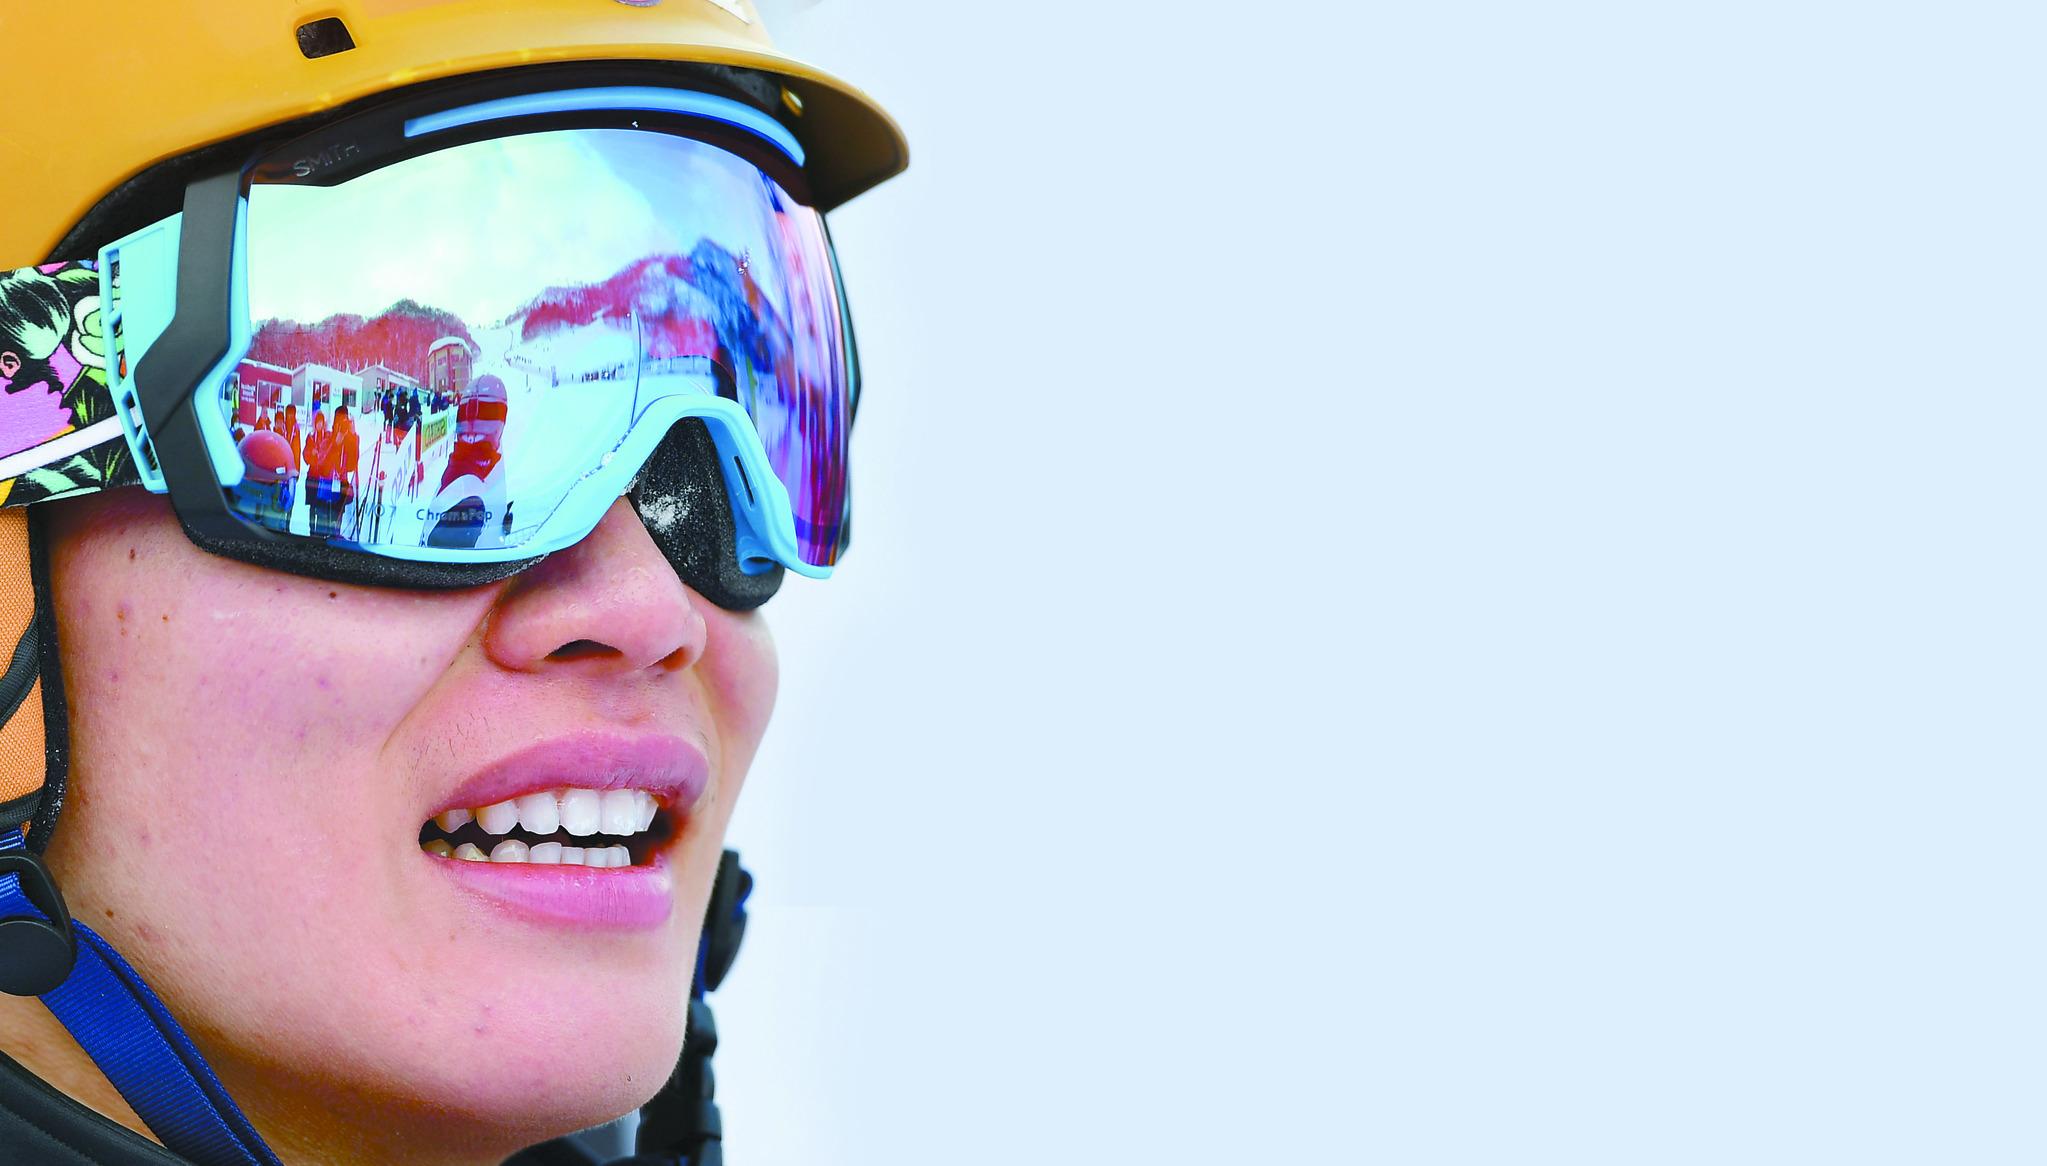 한국 알파인 스노보드 사상 최초로 겨울 아시안게임 금메달을 목에 건 이상호.[삿포로=뉴시스]